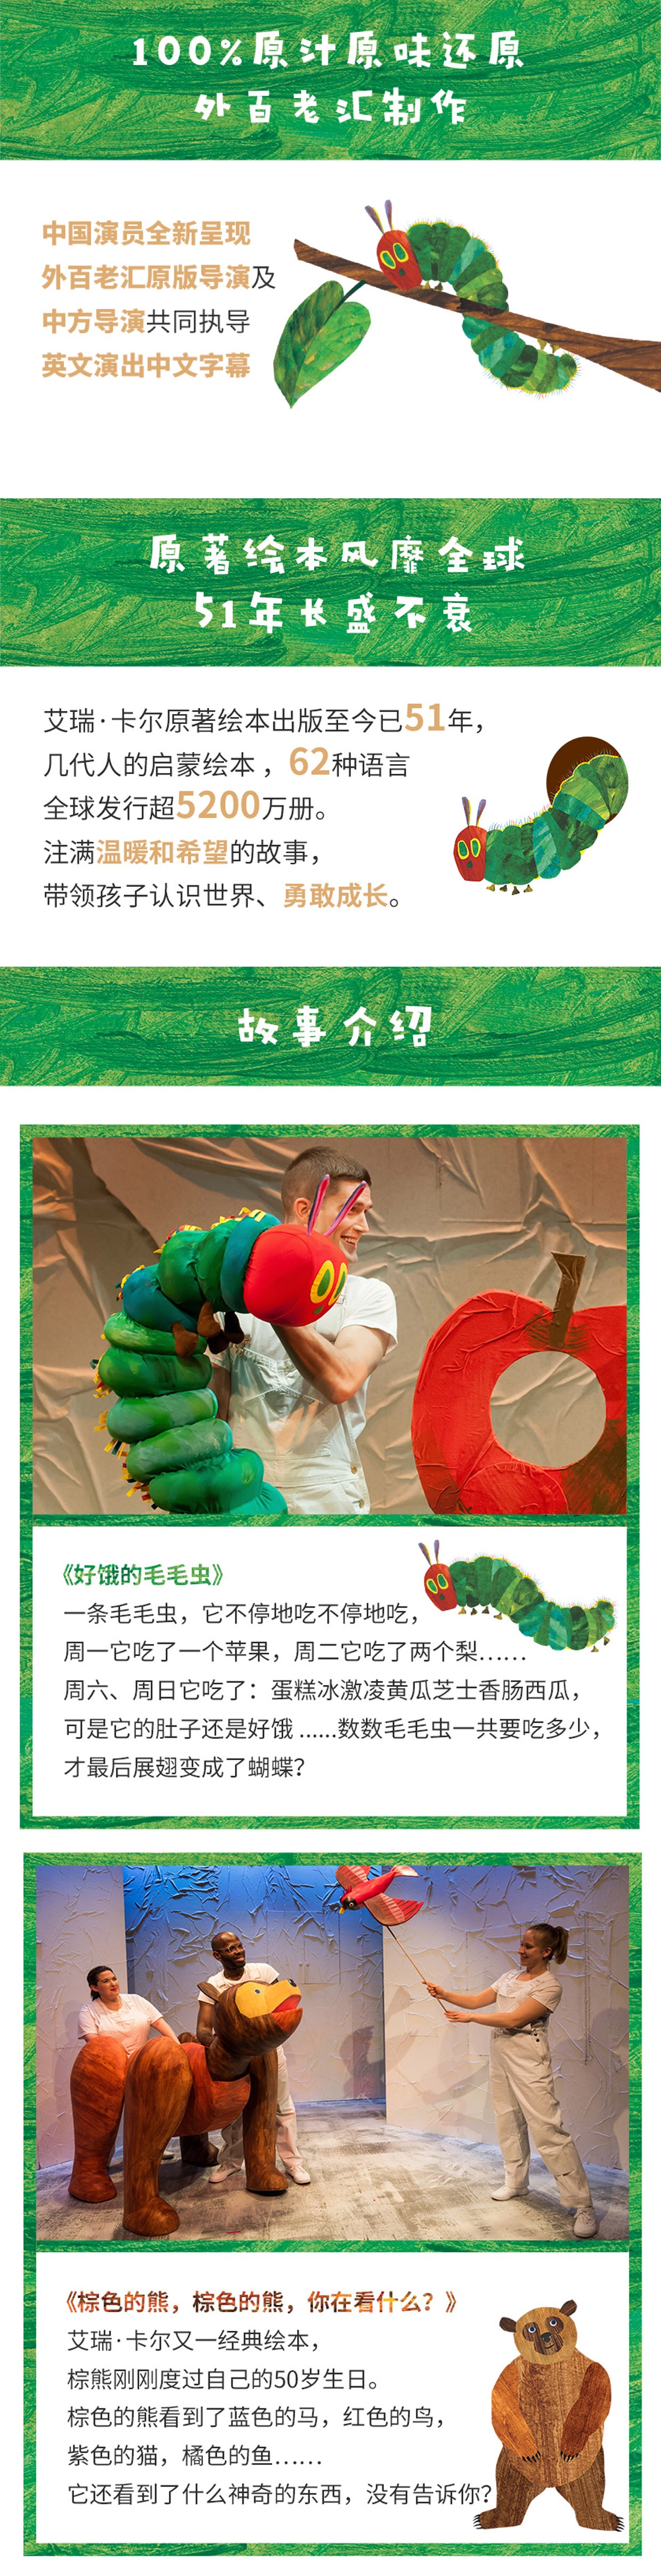 2021大船文化·美国外百老汇经典绘本剧《好饿的毛毛虫秀》中国制作版-广州站